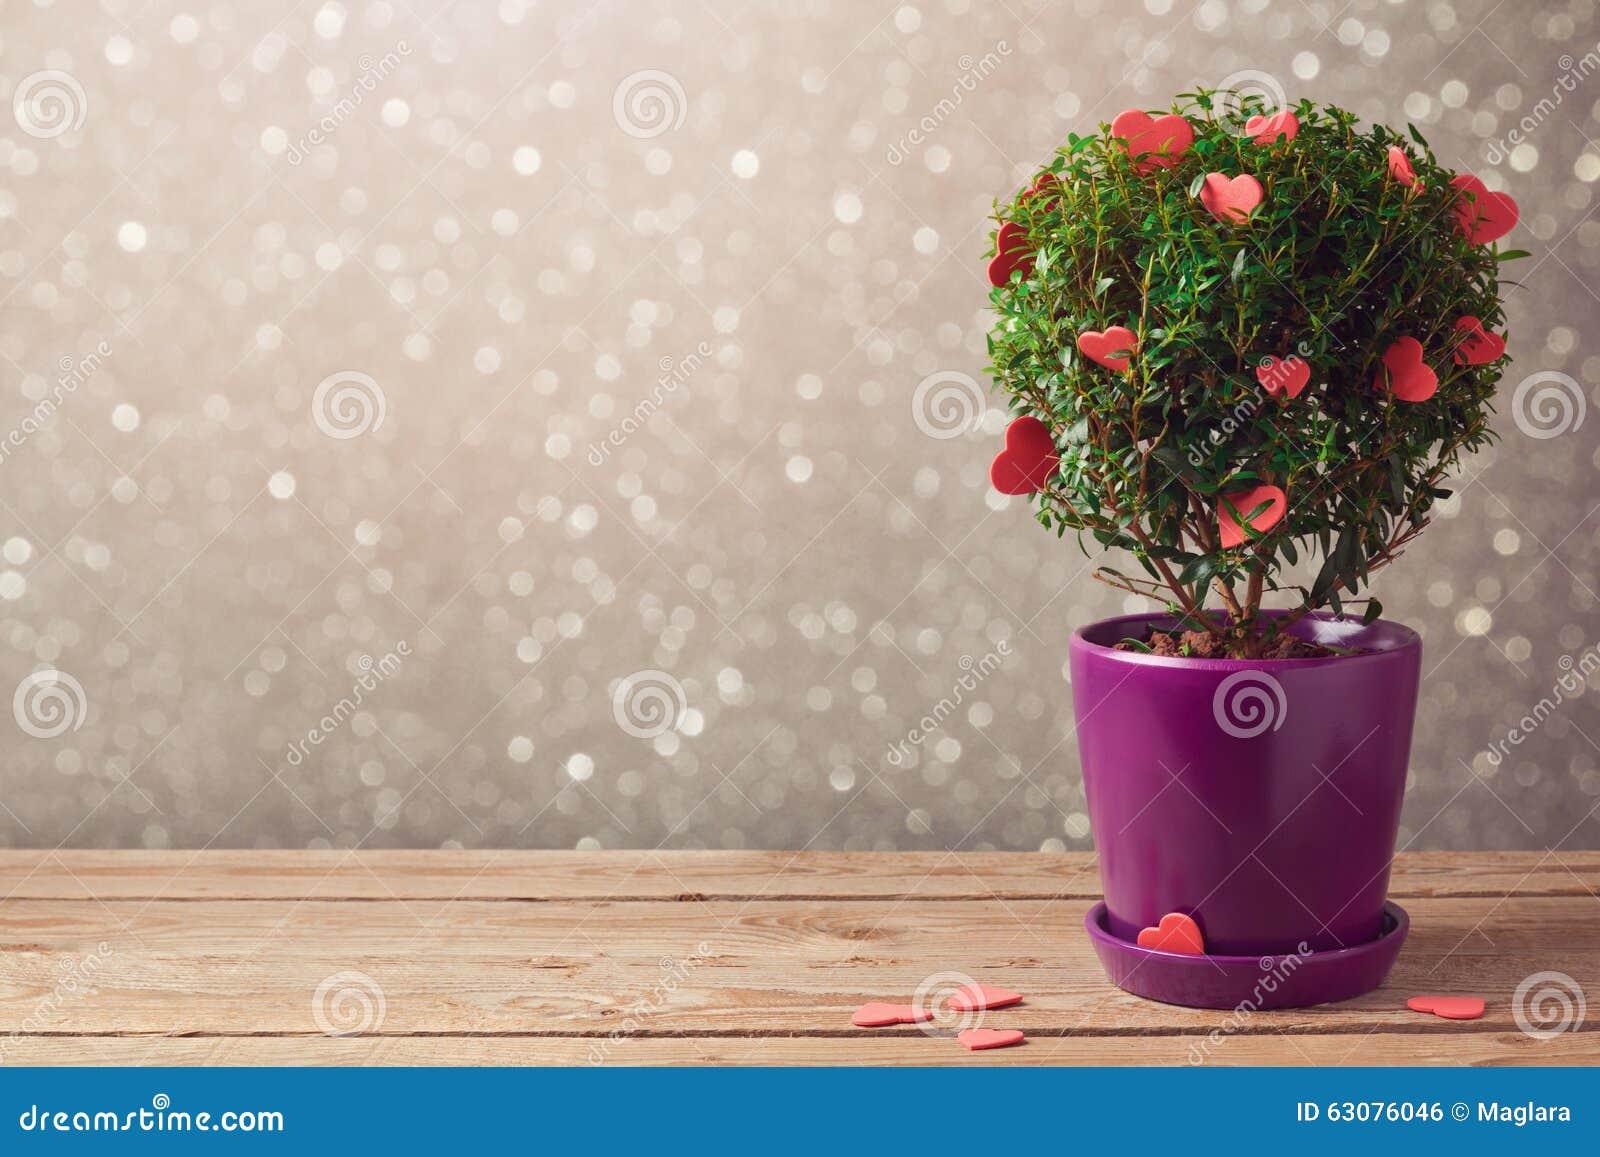 Download Usine D'arbre Avec Des Coeurs Sur La Table En Bois Au-dessus Du Fond De Bokeh Concept Du Jour De Valentine Photo stock - Image du brochure, conception: 63076046